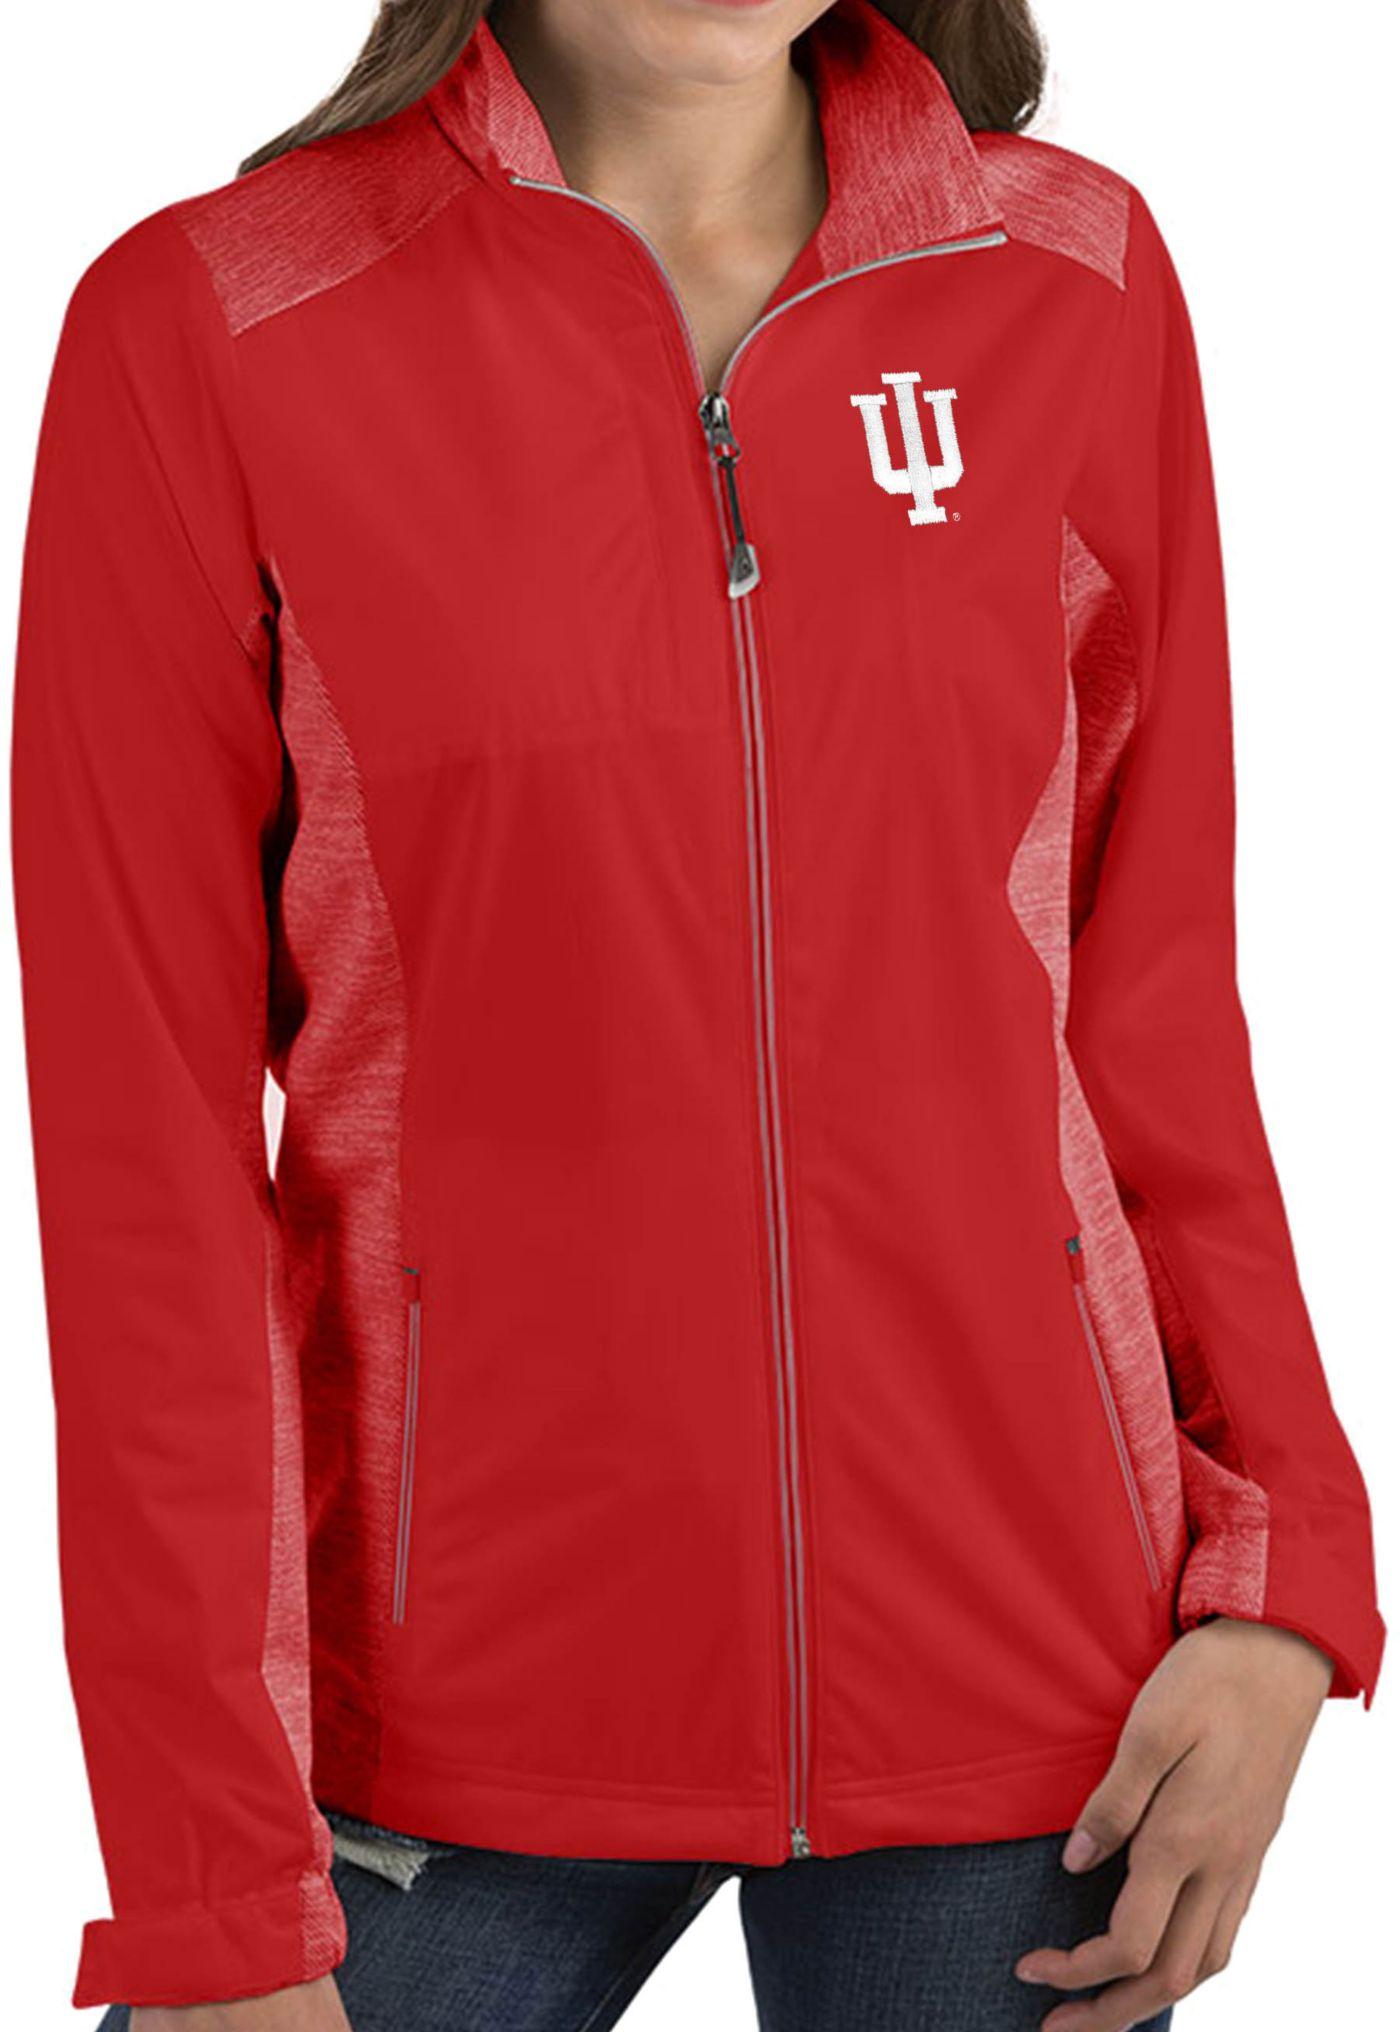 Antigua Women's Indiana Hoosiers Red Revolve Full-Zip Jacket